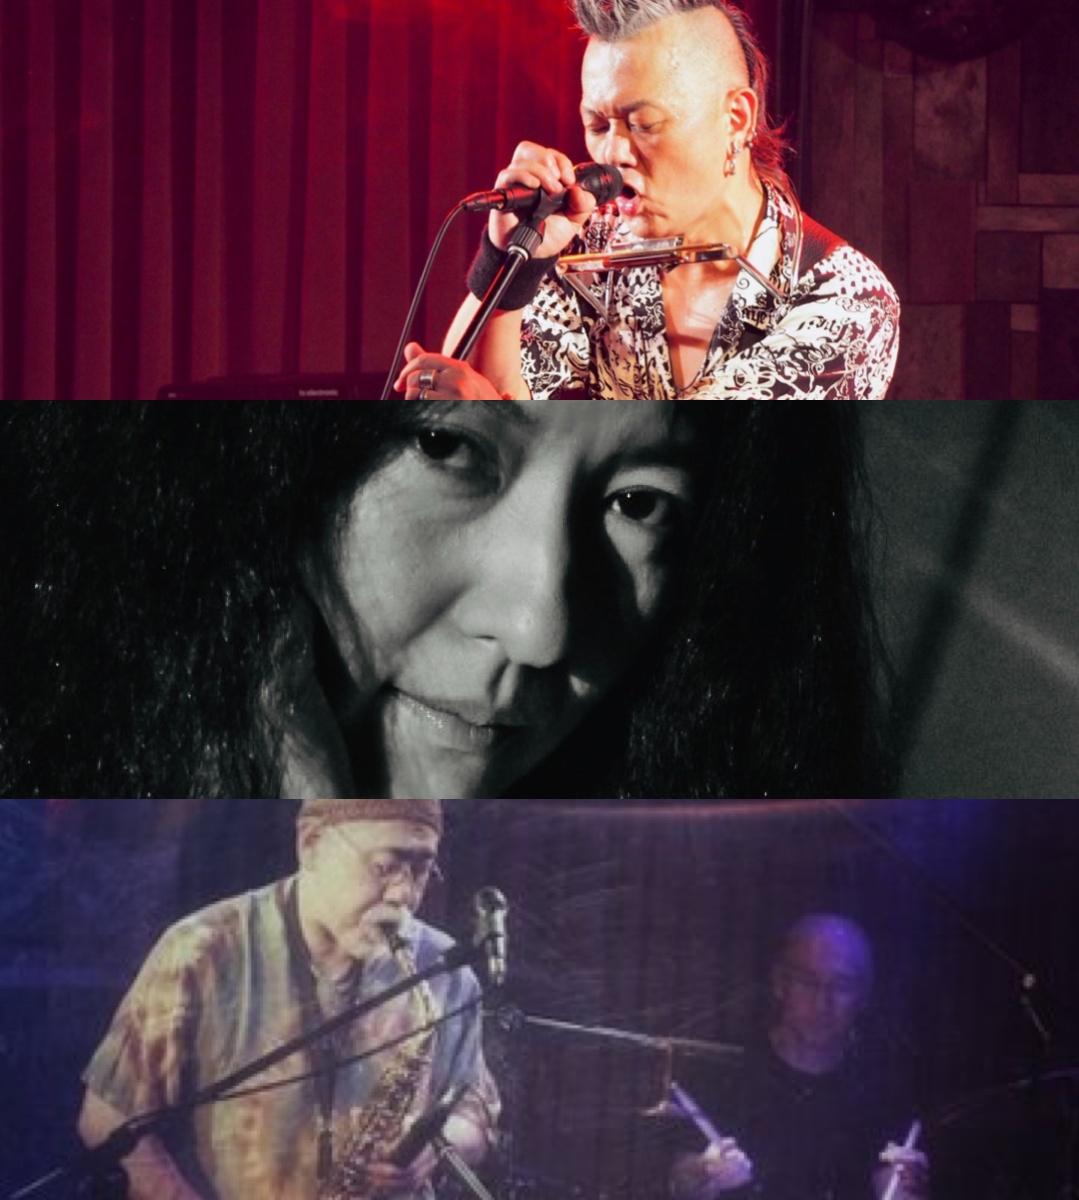 [無観客配信]『夜行列車は血のなかを走る』出演:浦邉力 / 真理 / O-ju Jazz Punx